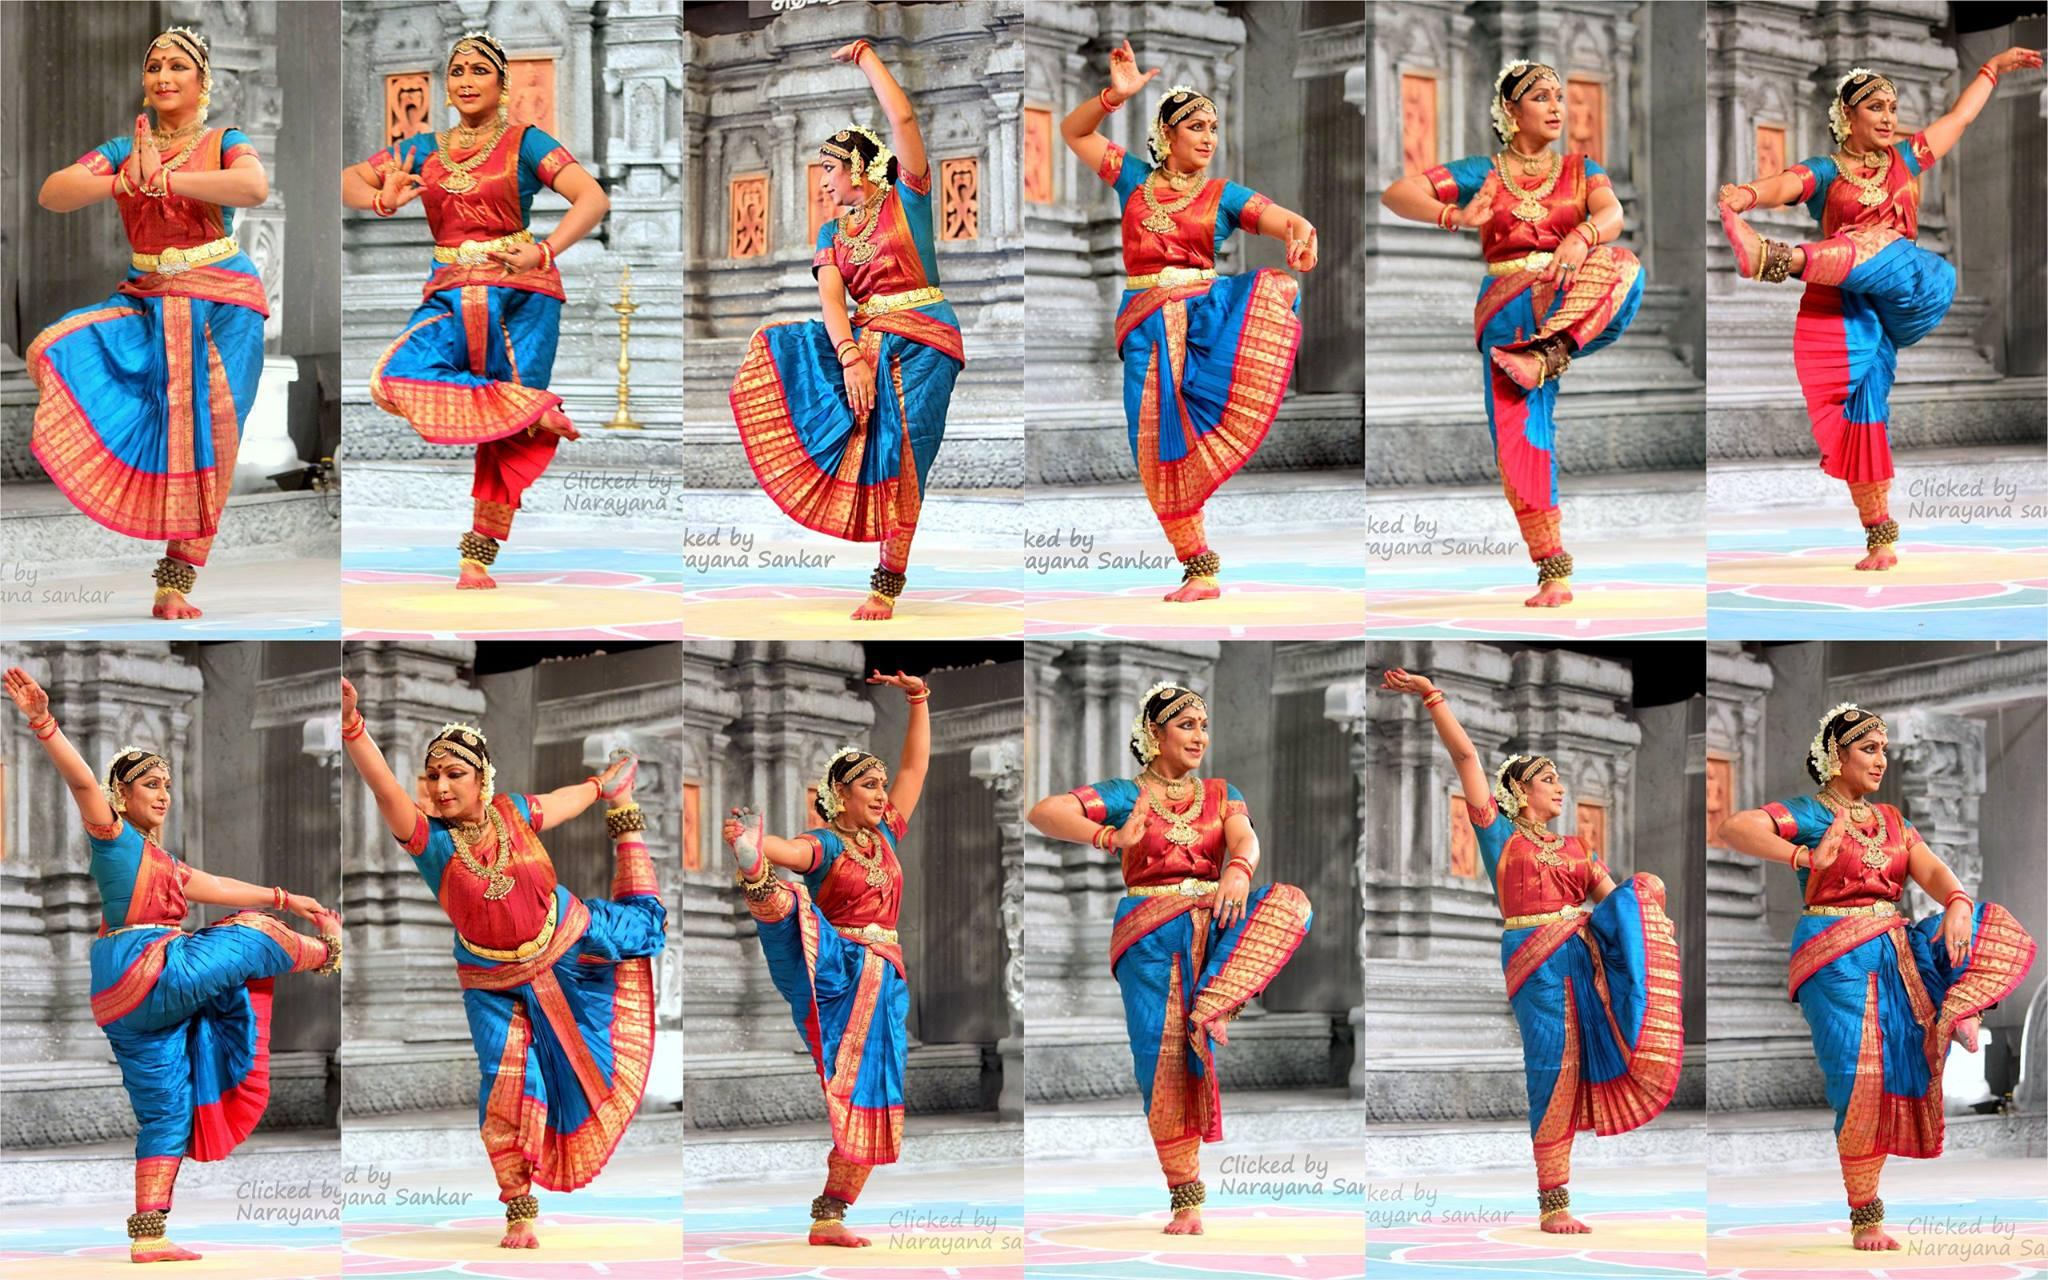 கிராம மக்களுக்கு பரதம் புரியாது என்பது மாயை: 'பத்மஸ்ரீ' விருது பெற்ற நர்த்தகி நடராஜ் சிறப்புப் பேட்டி 13086712_1160883960598579_1131489615512671502_o_17264